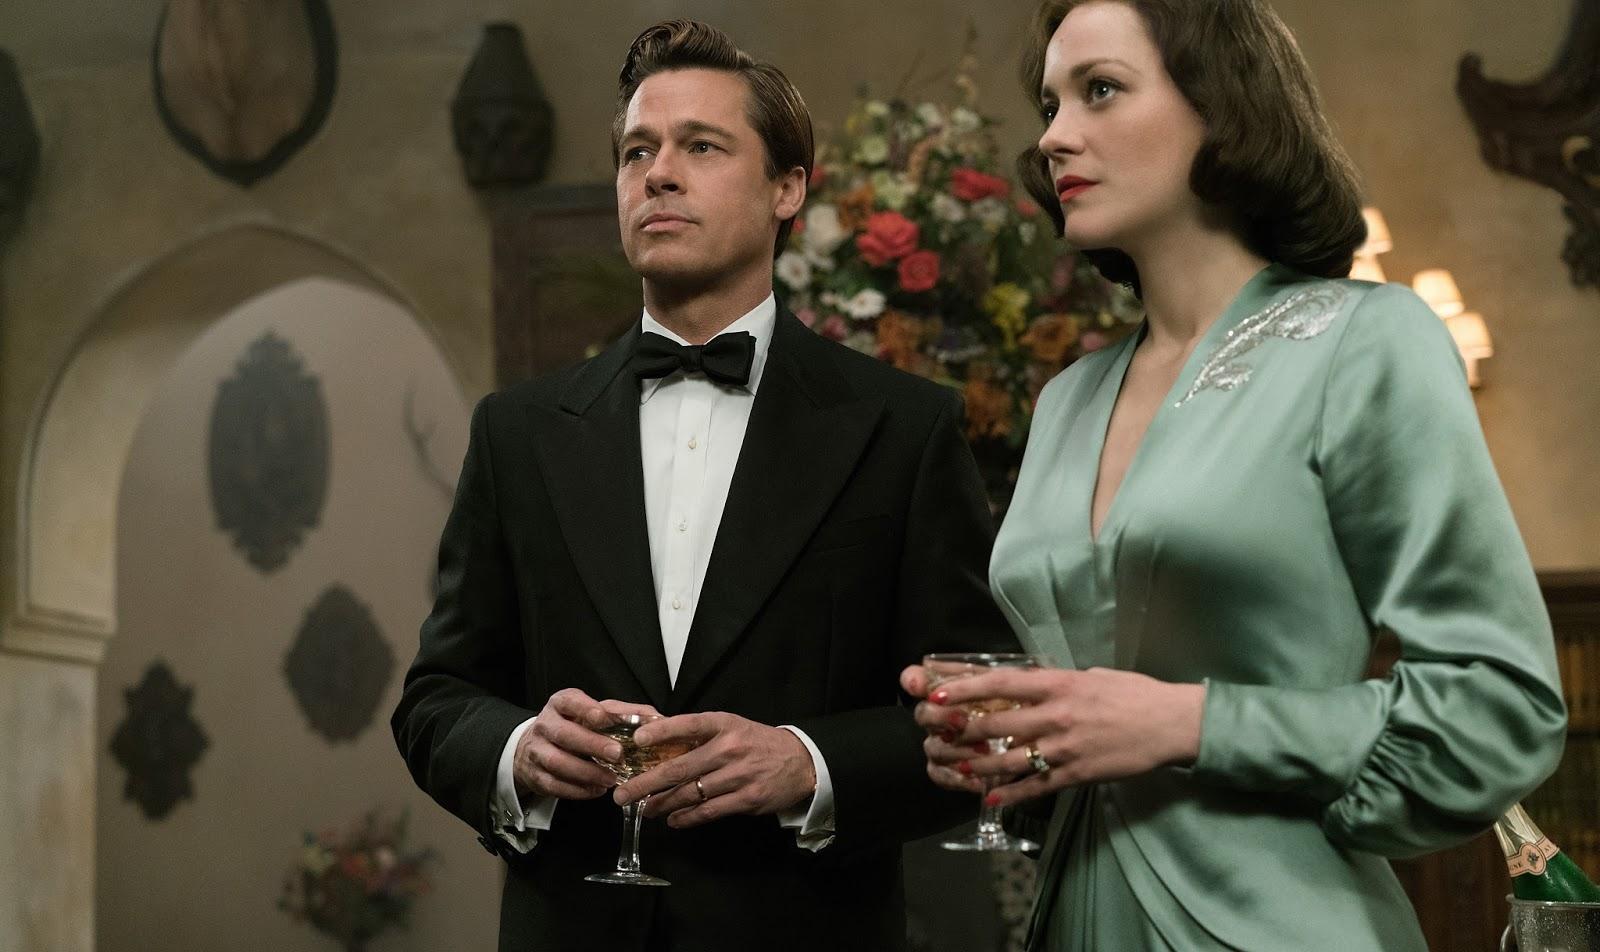 Aliados | Drama de guerra, com Brad Pitt e Marion Cotillard, ganha 3º trailer